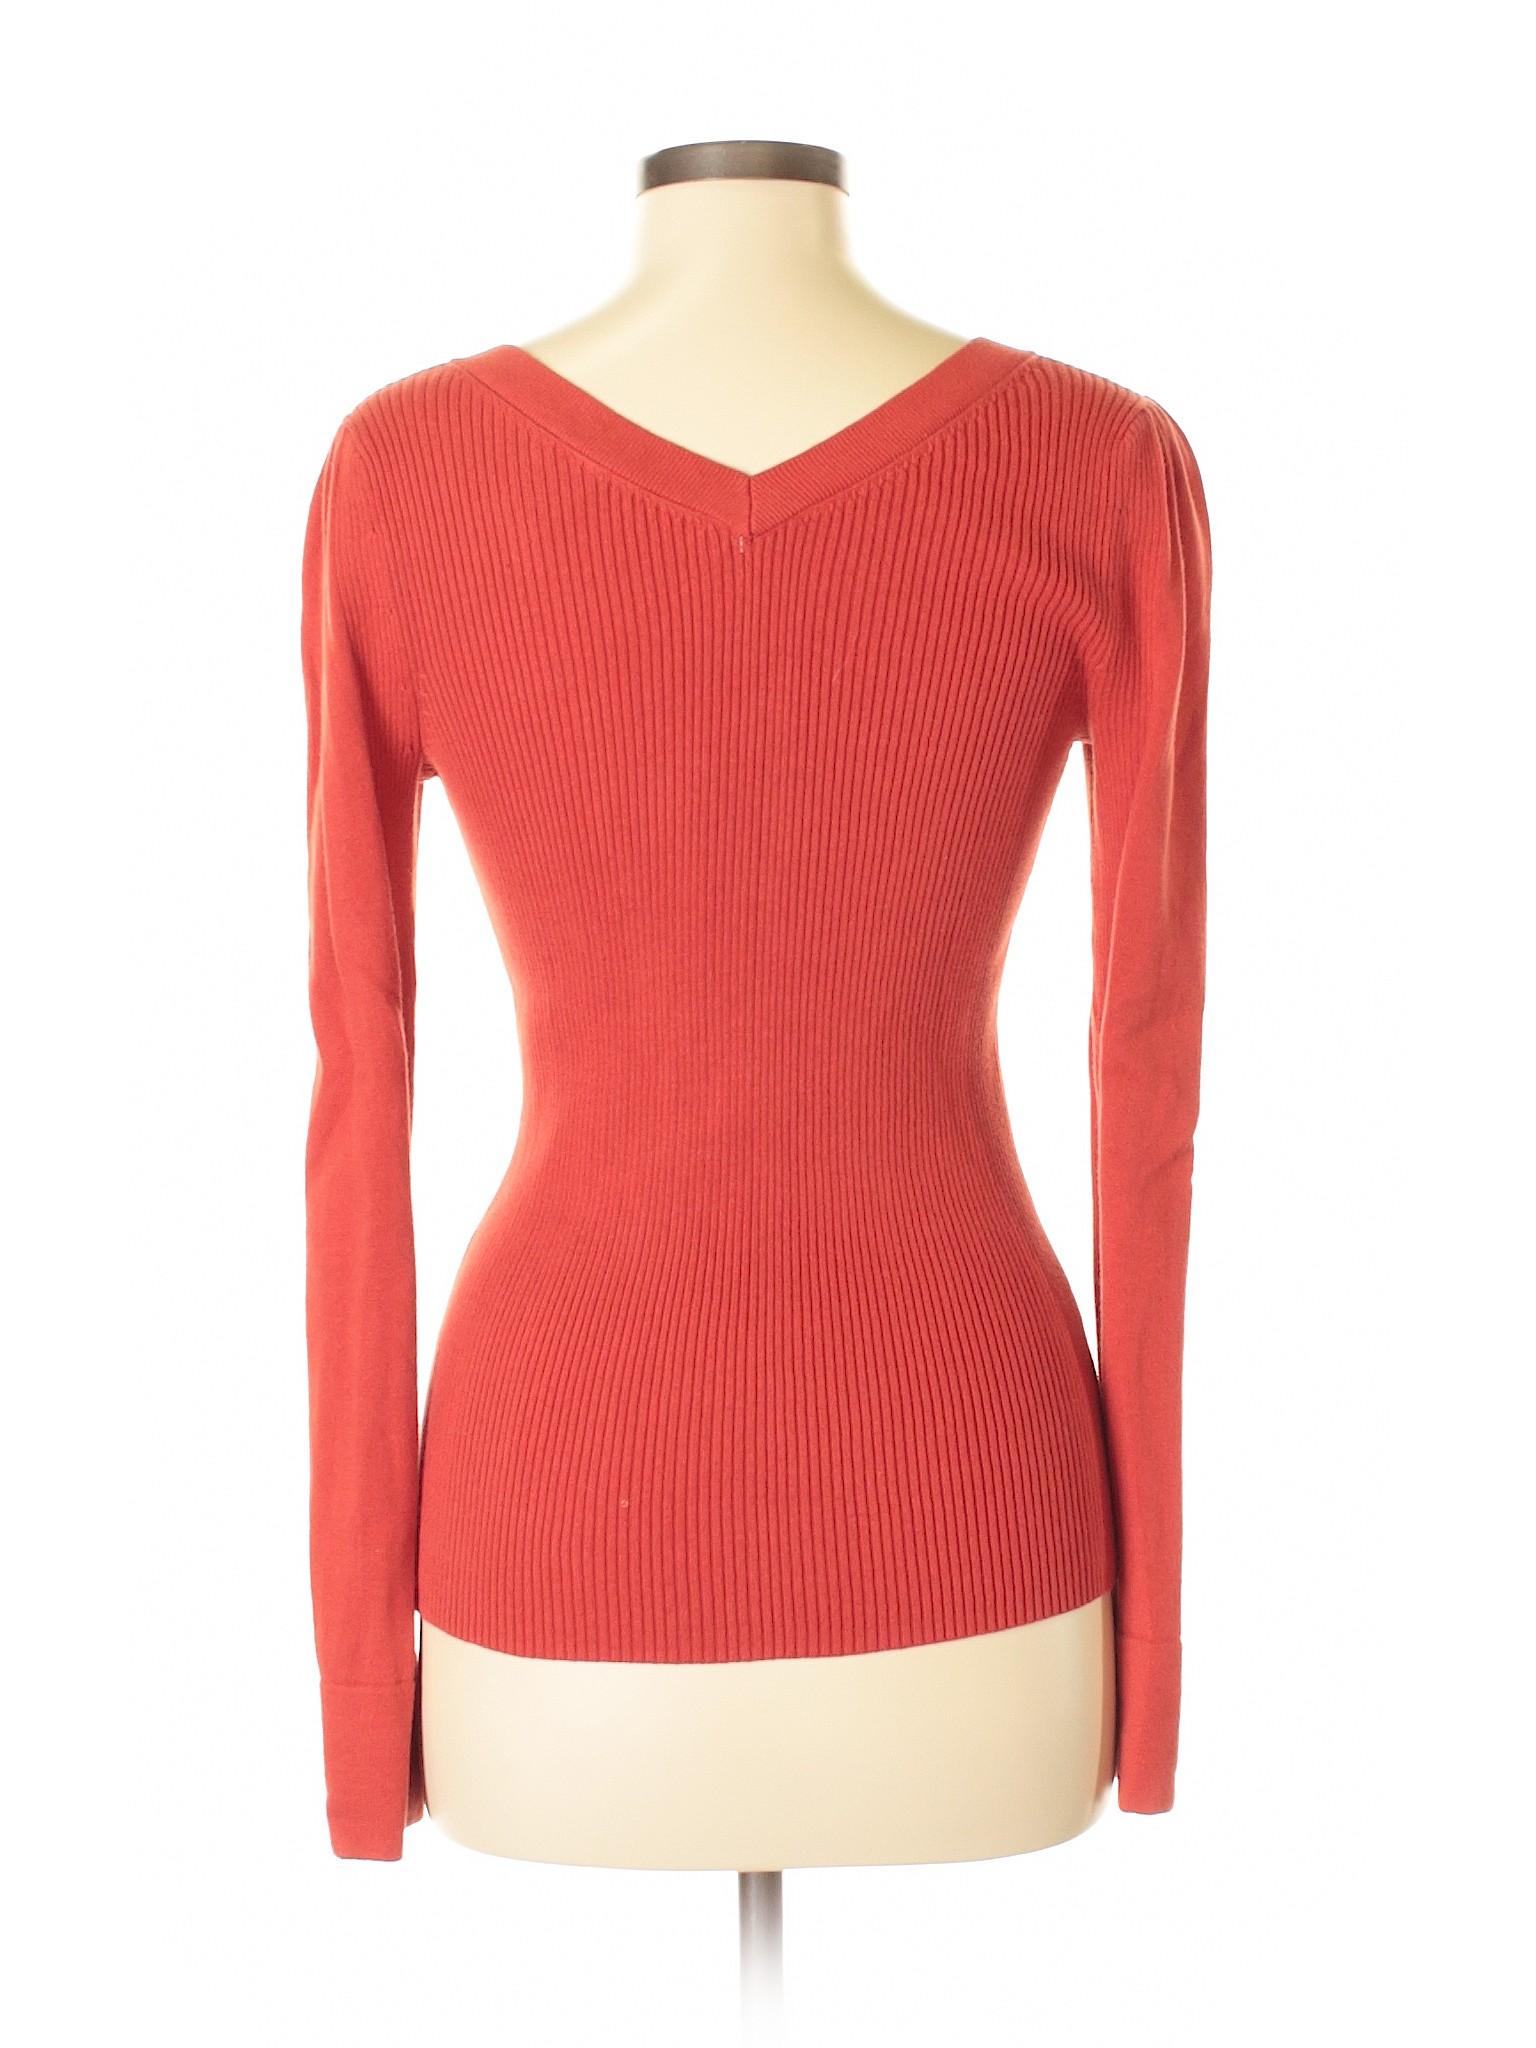 Boutique Sweater Moda Boutique International Pullover Moda qda0q